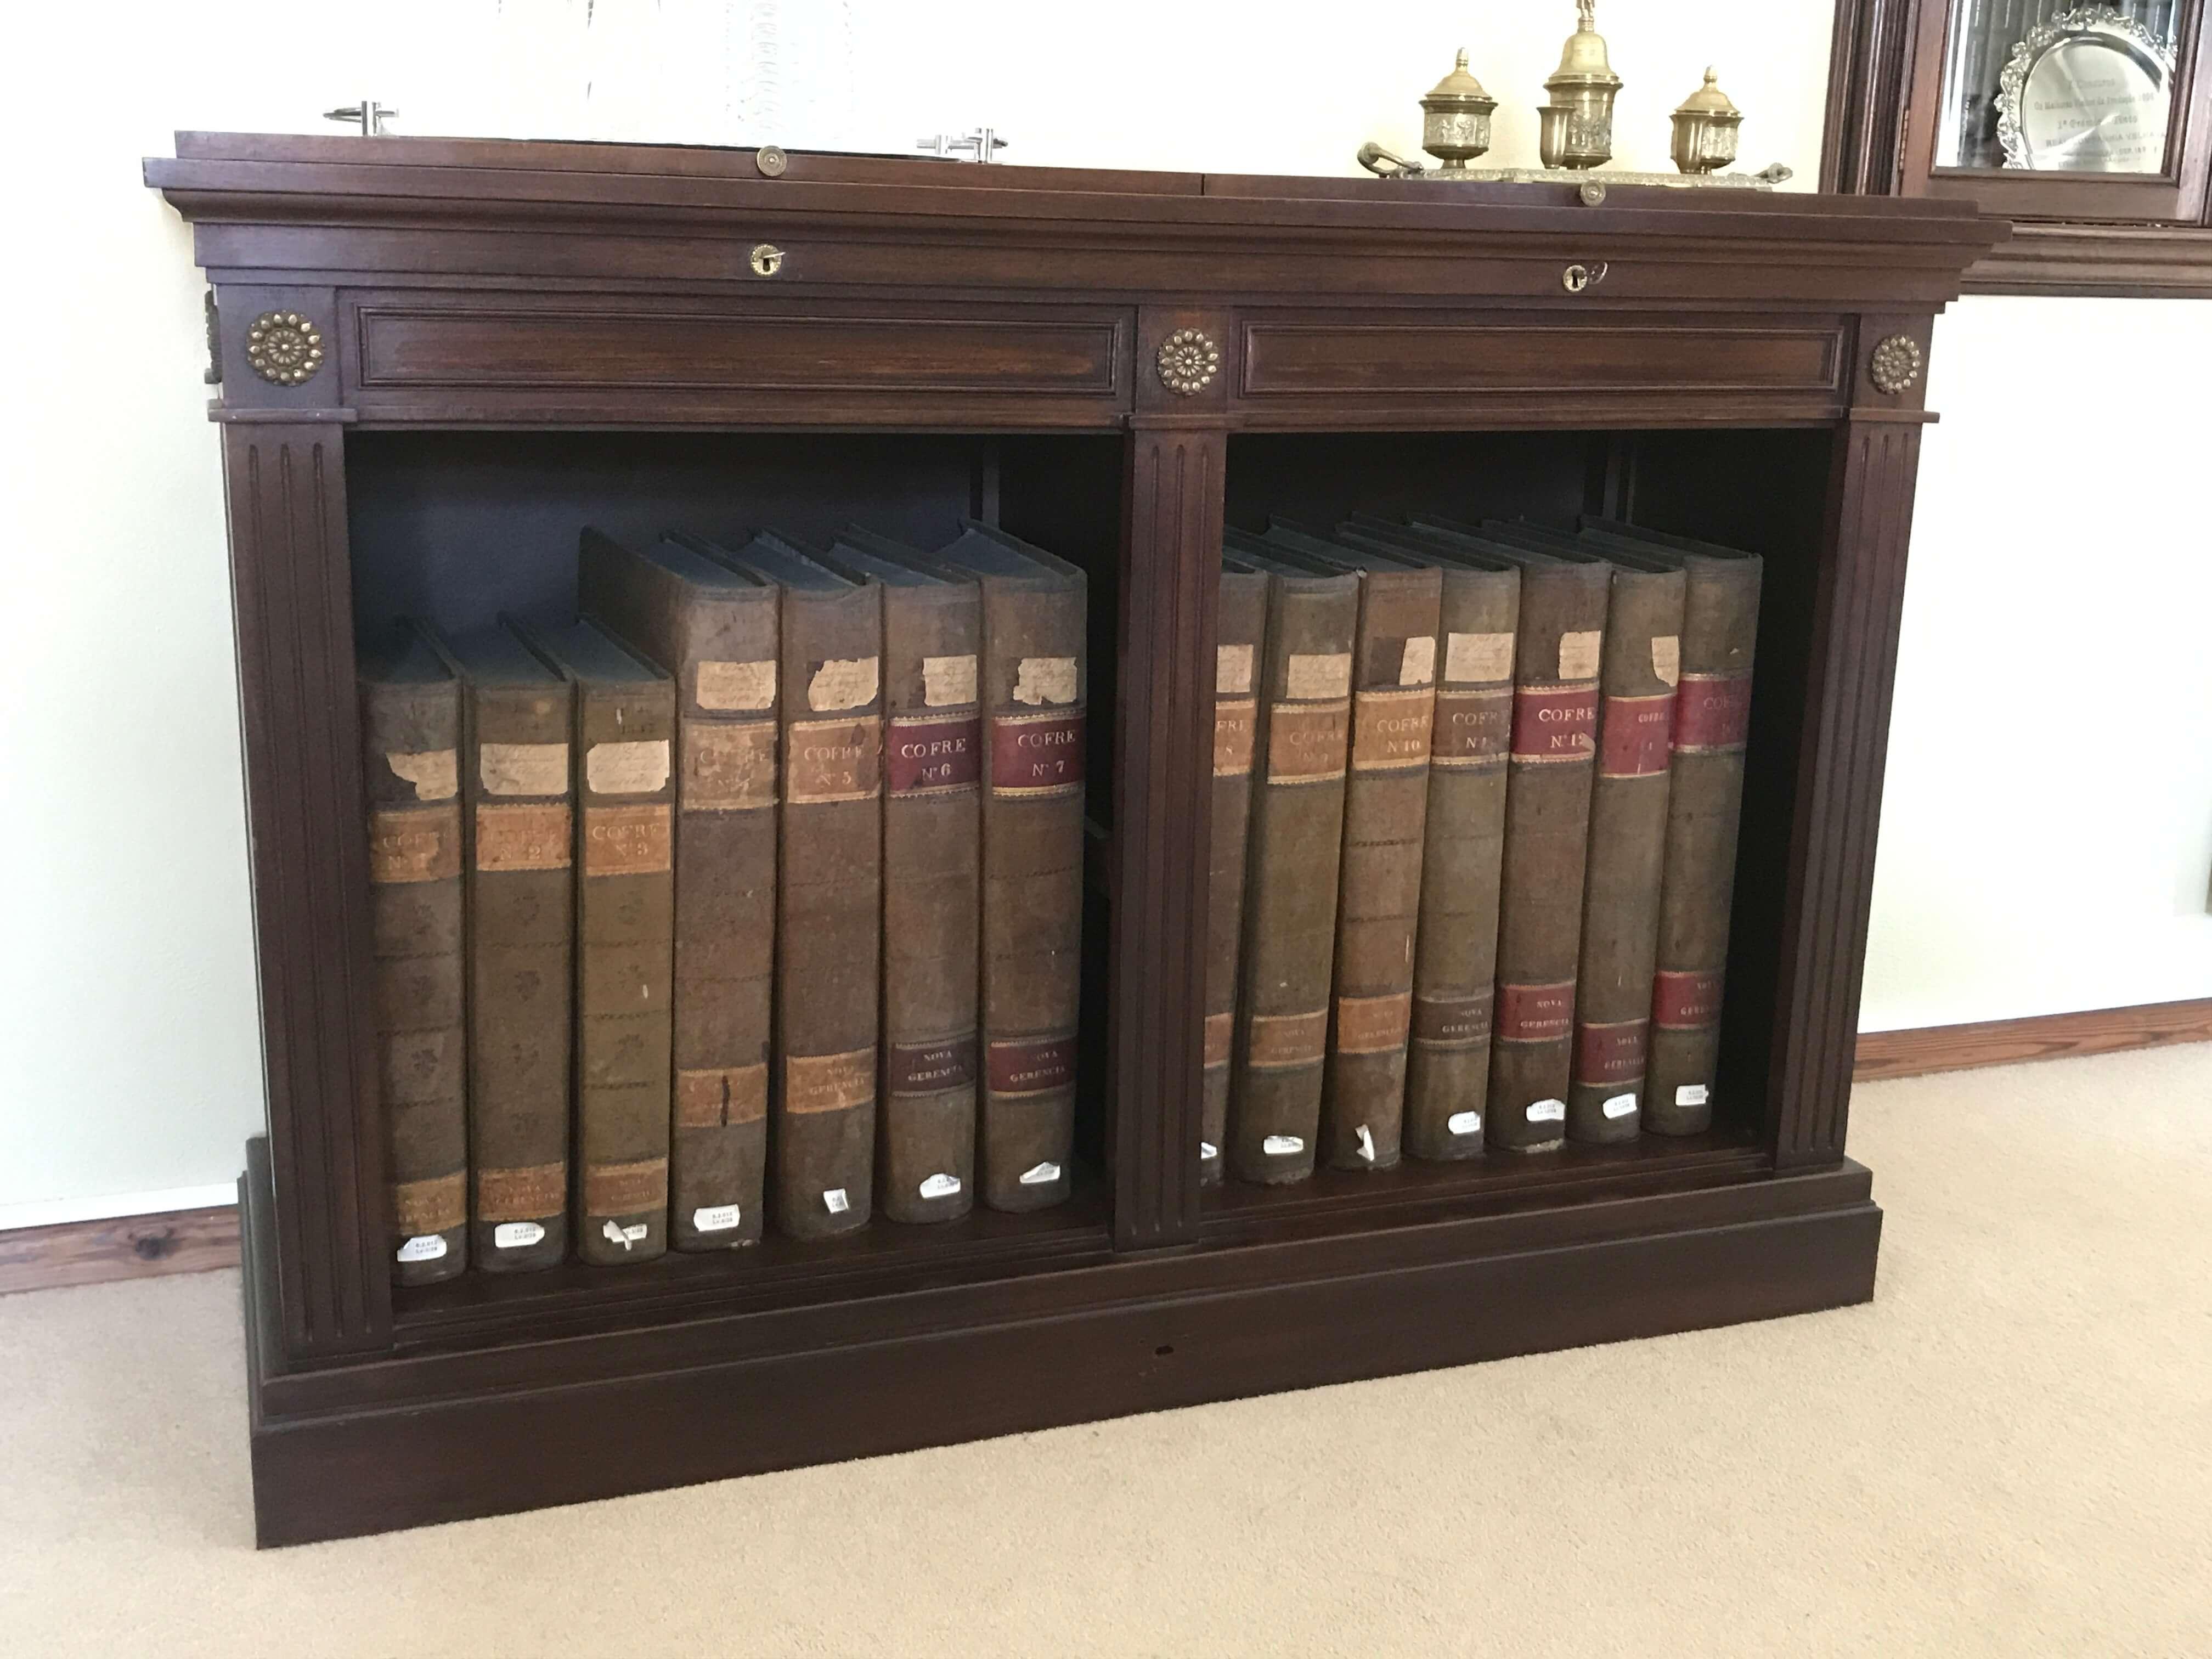 Alte Kassenbücher des ersten Portweinunternehmens